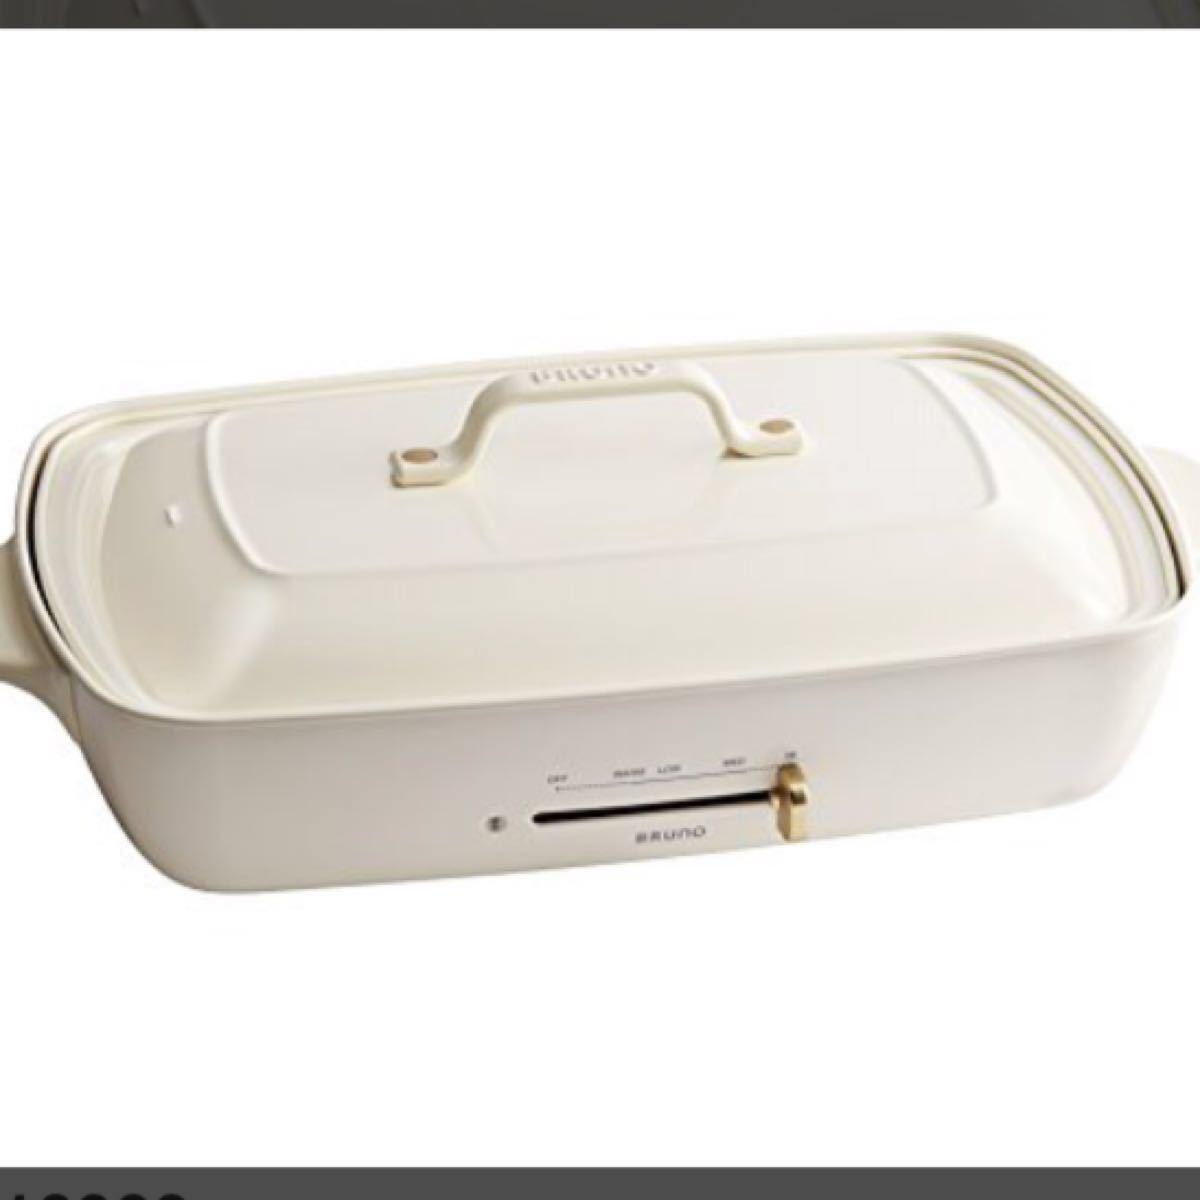 ホットプレート グランデサイズ BOE026-WH 美品 未使用品 残り1個